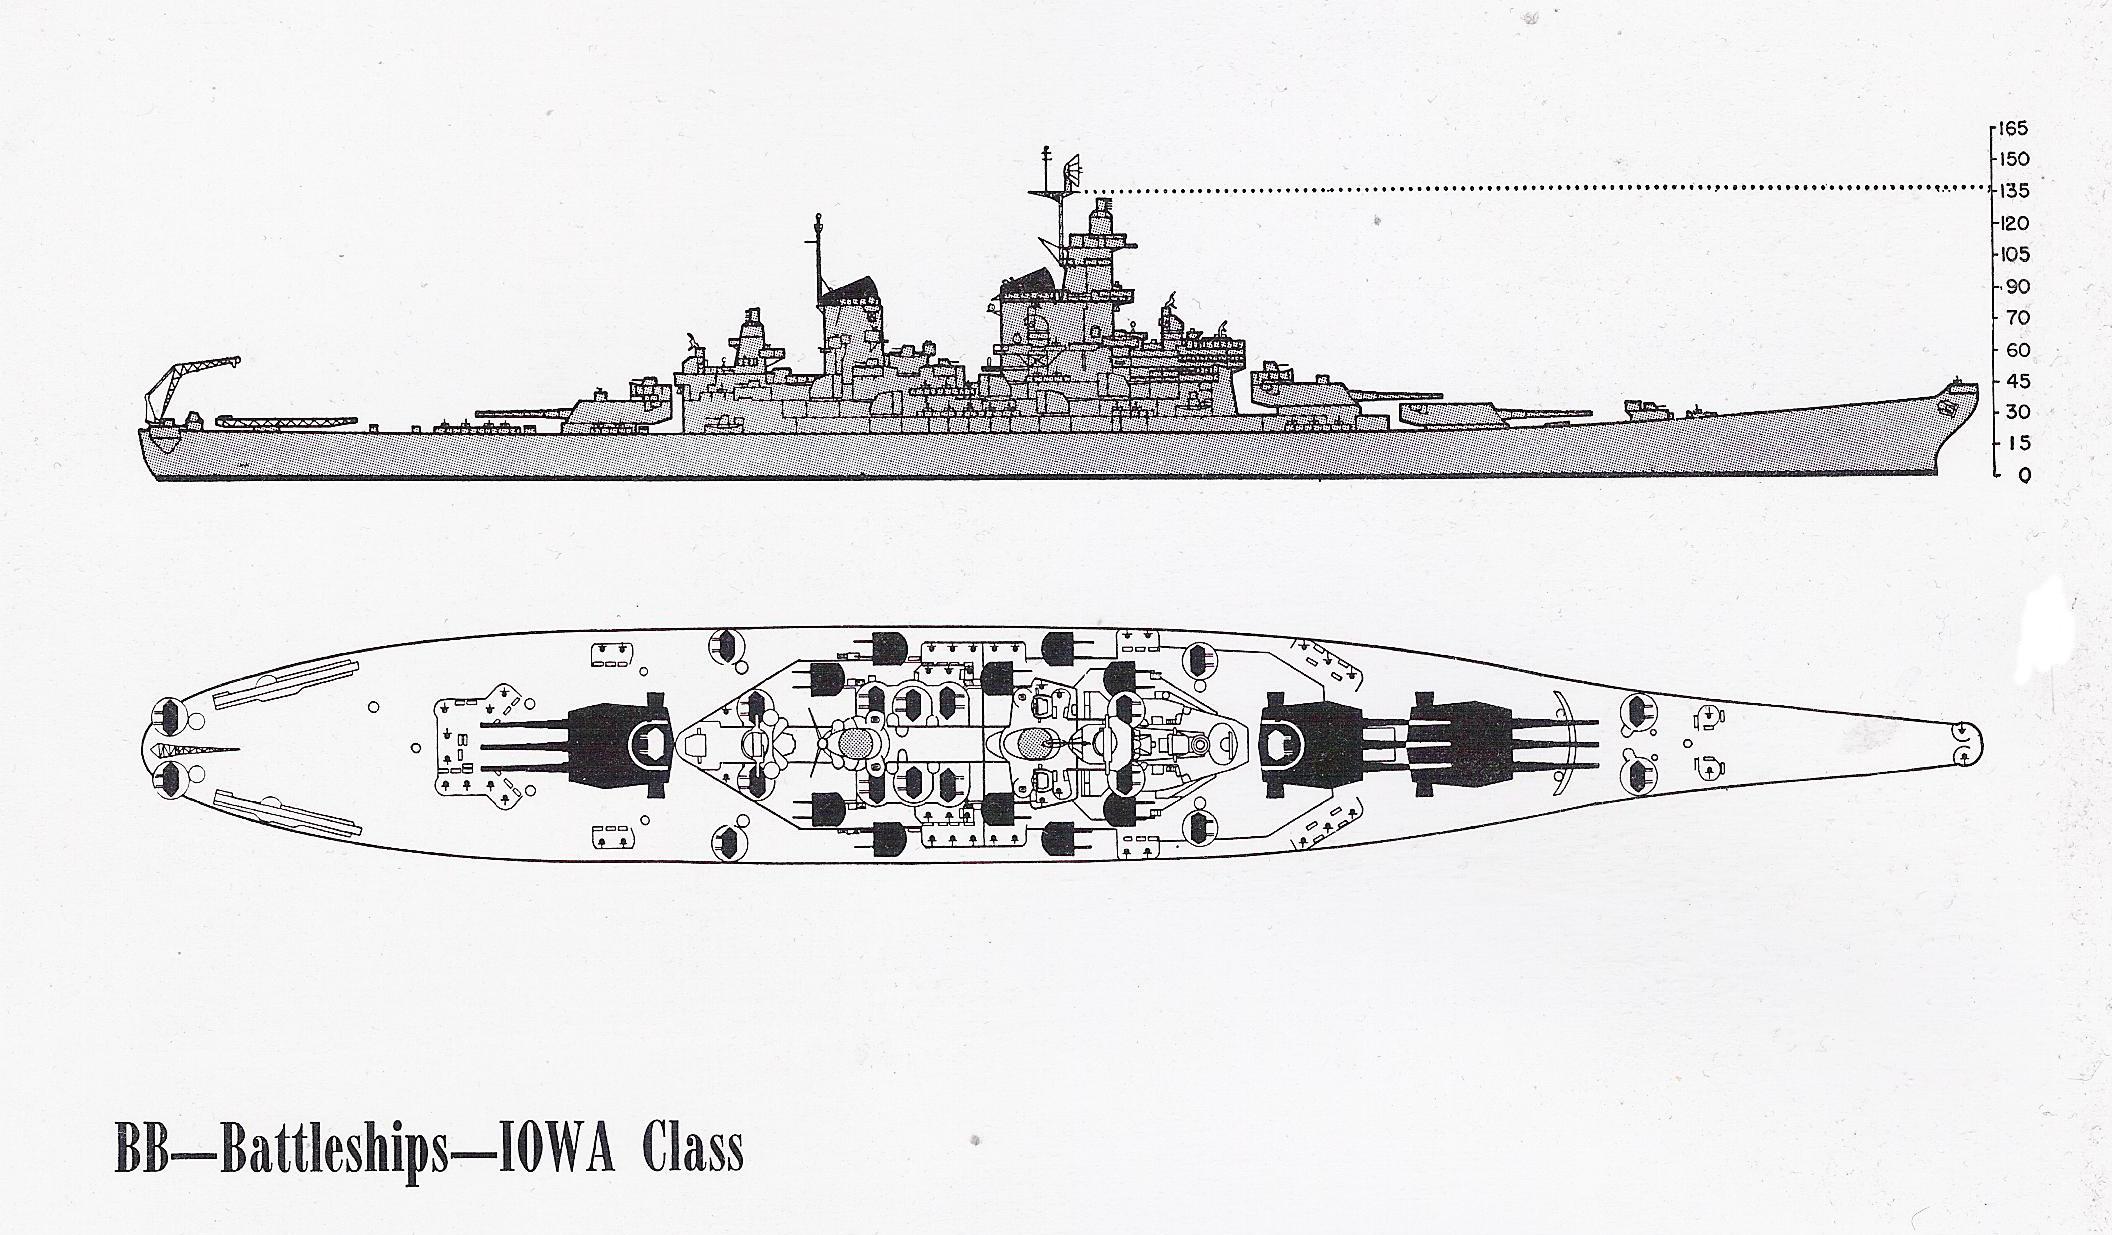 Iowa_class__schematic_full.jpg